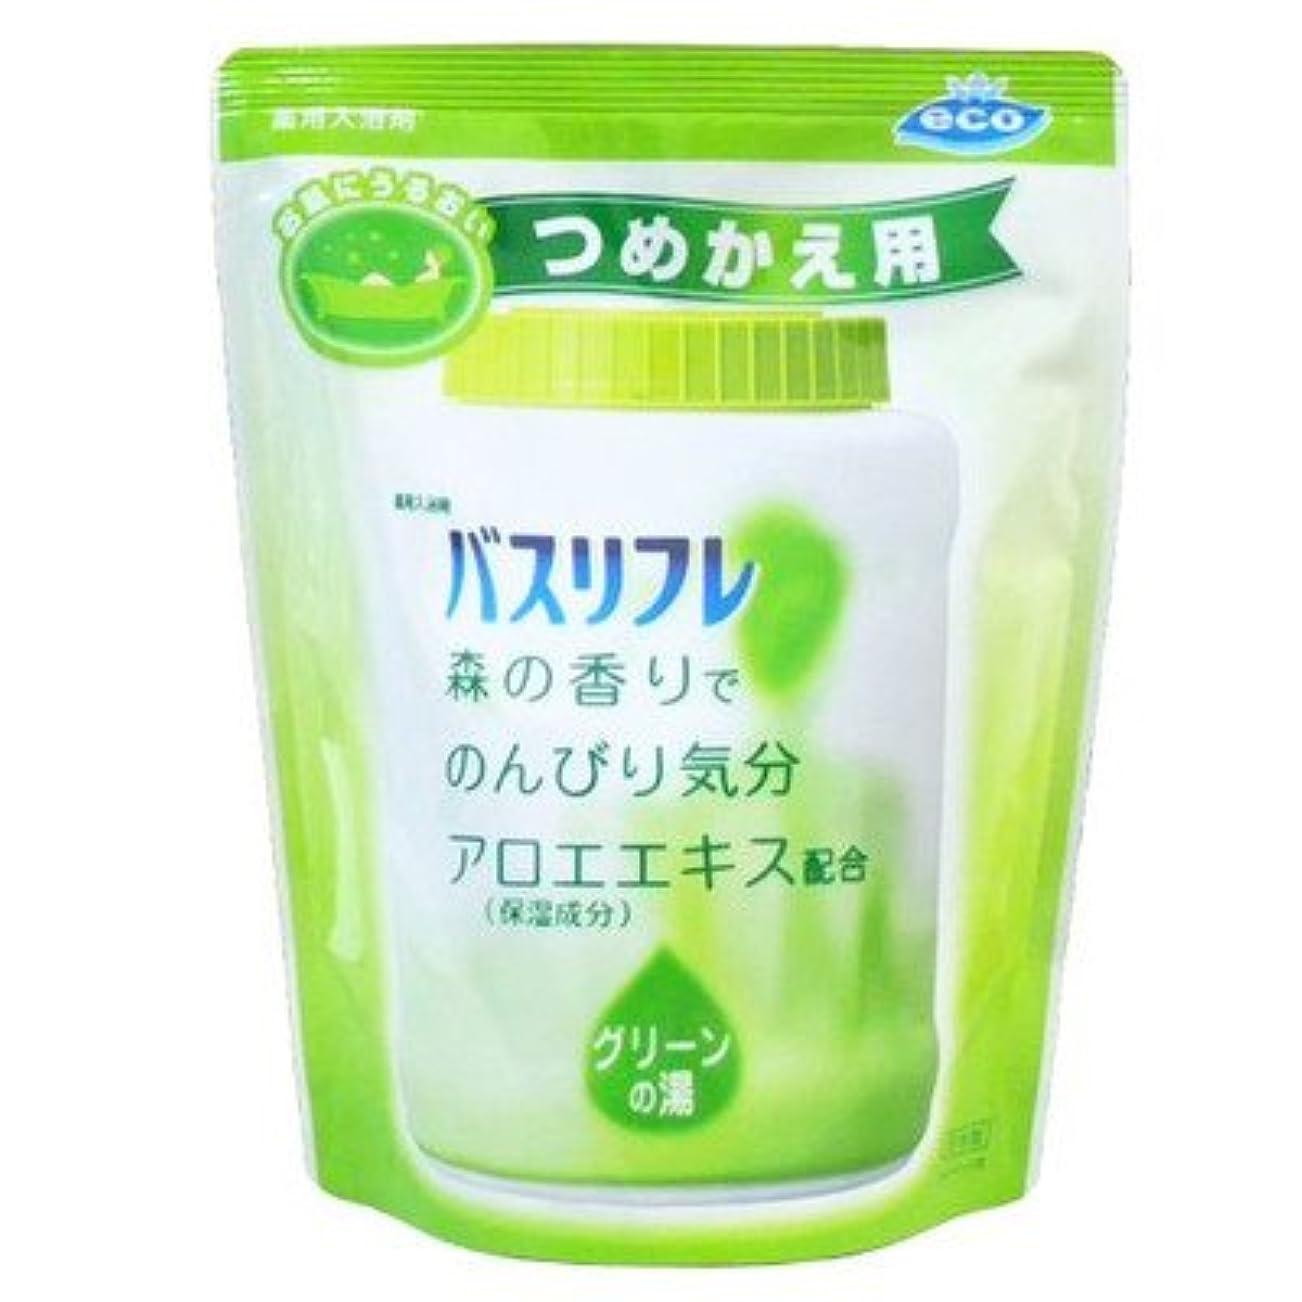 過言固めるつま先薬用入浴剤 バスリフレ グリーンの湯 つめかえ用 540g 森の香り (ライオンケミカル)